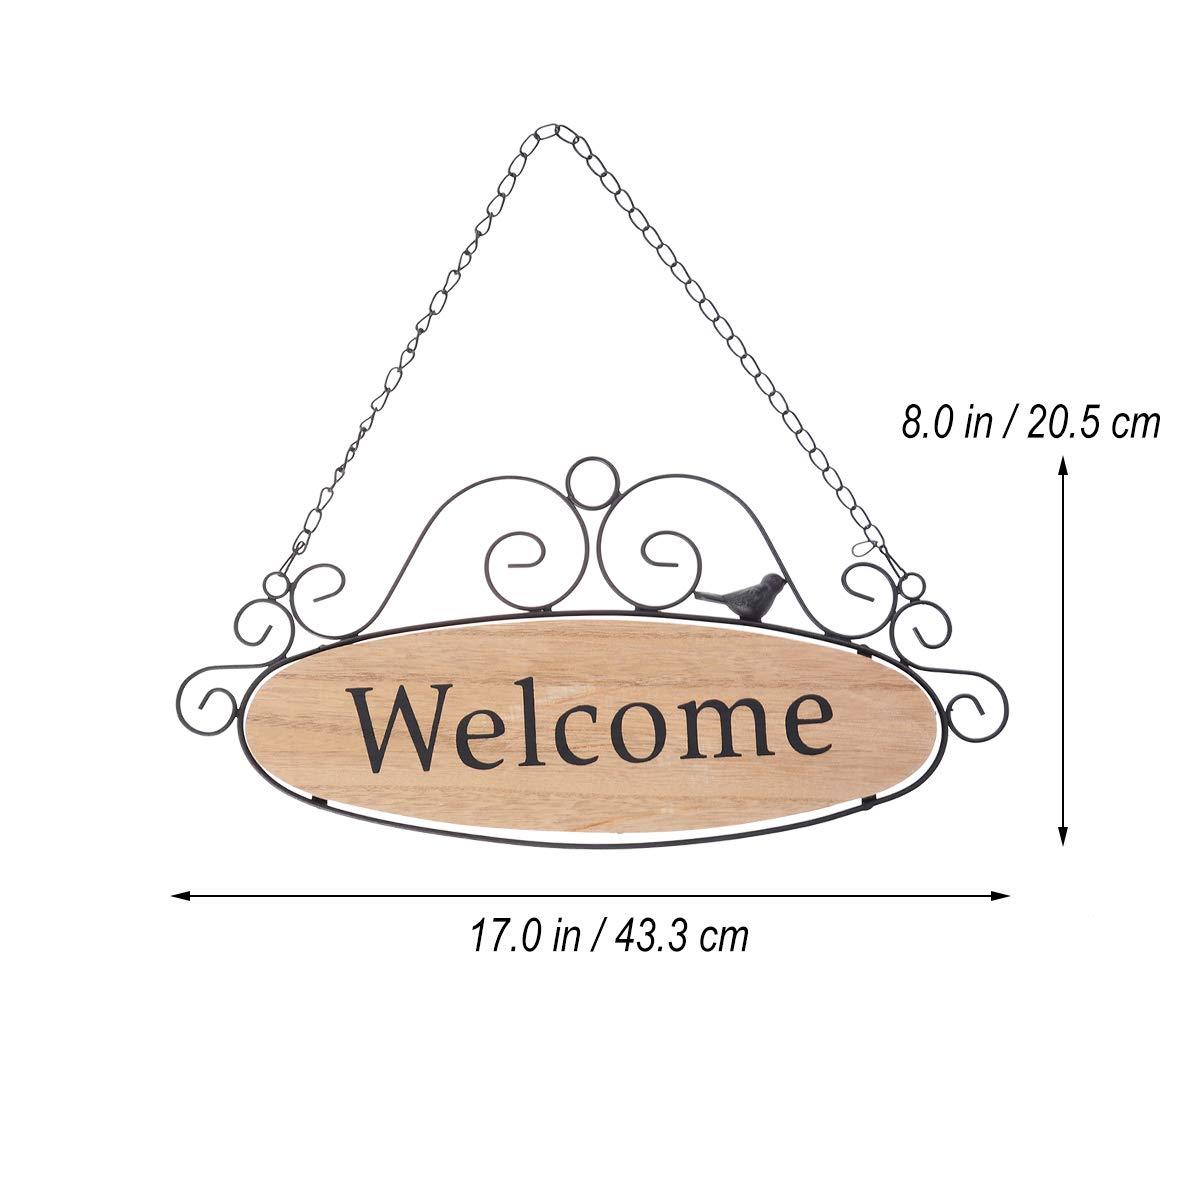 Vosarea Madera Puerta De Decorativo Bienvenida Carteles Signo ulJ3TKc1F5